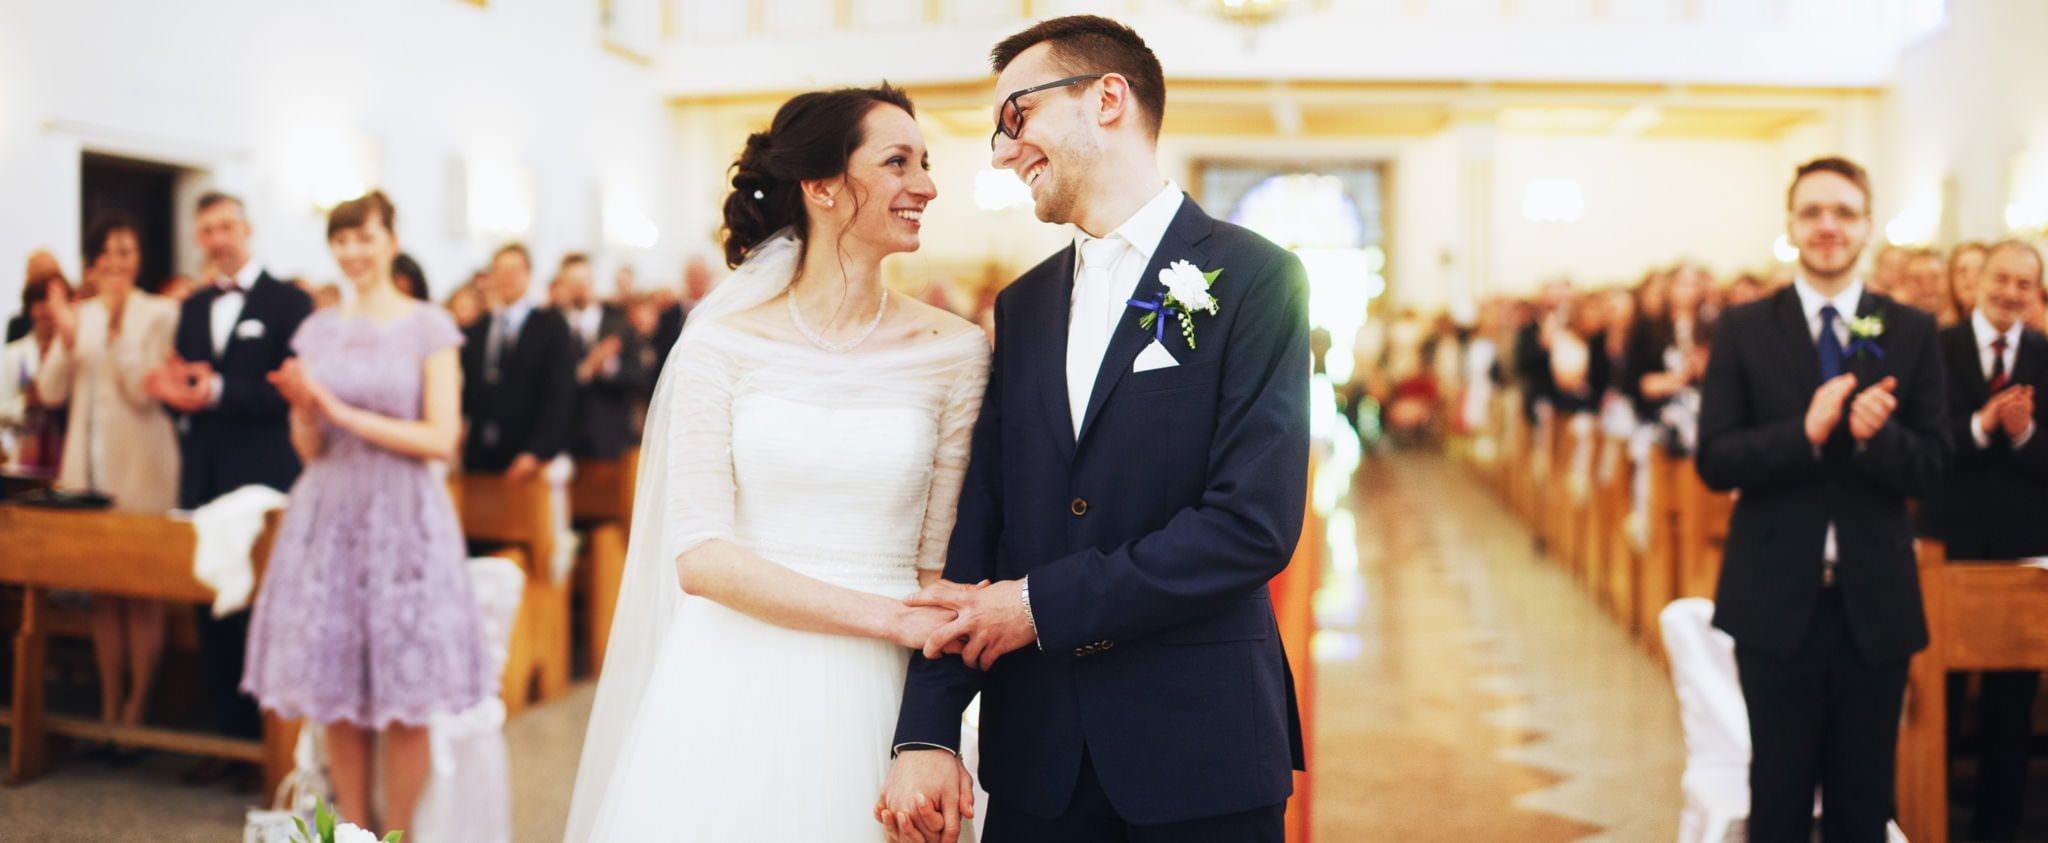 fotograf slub bielsko biala ania maciej 68 - Ślub w Bielsku-Białej - ANIA & MACIEJ